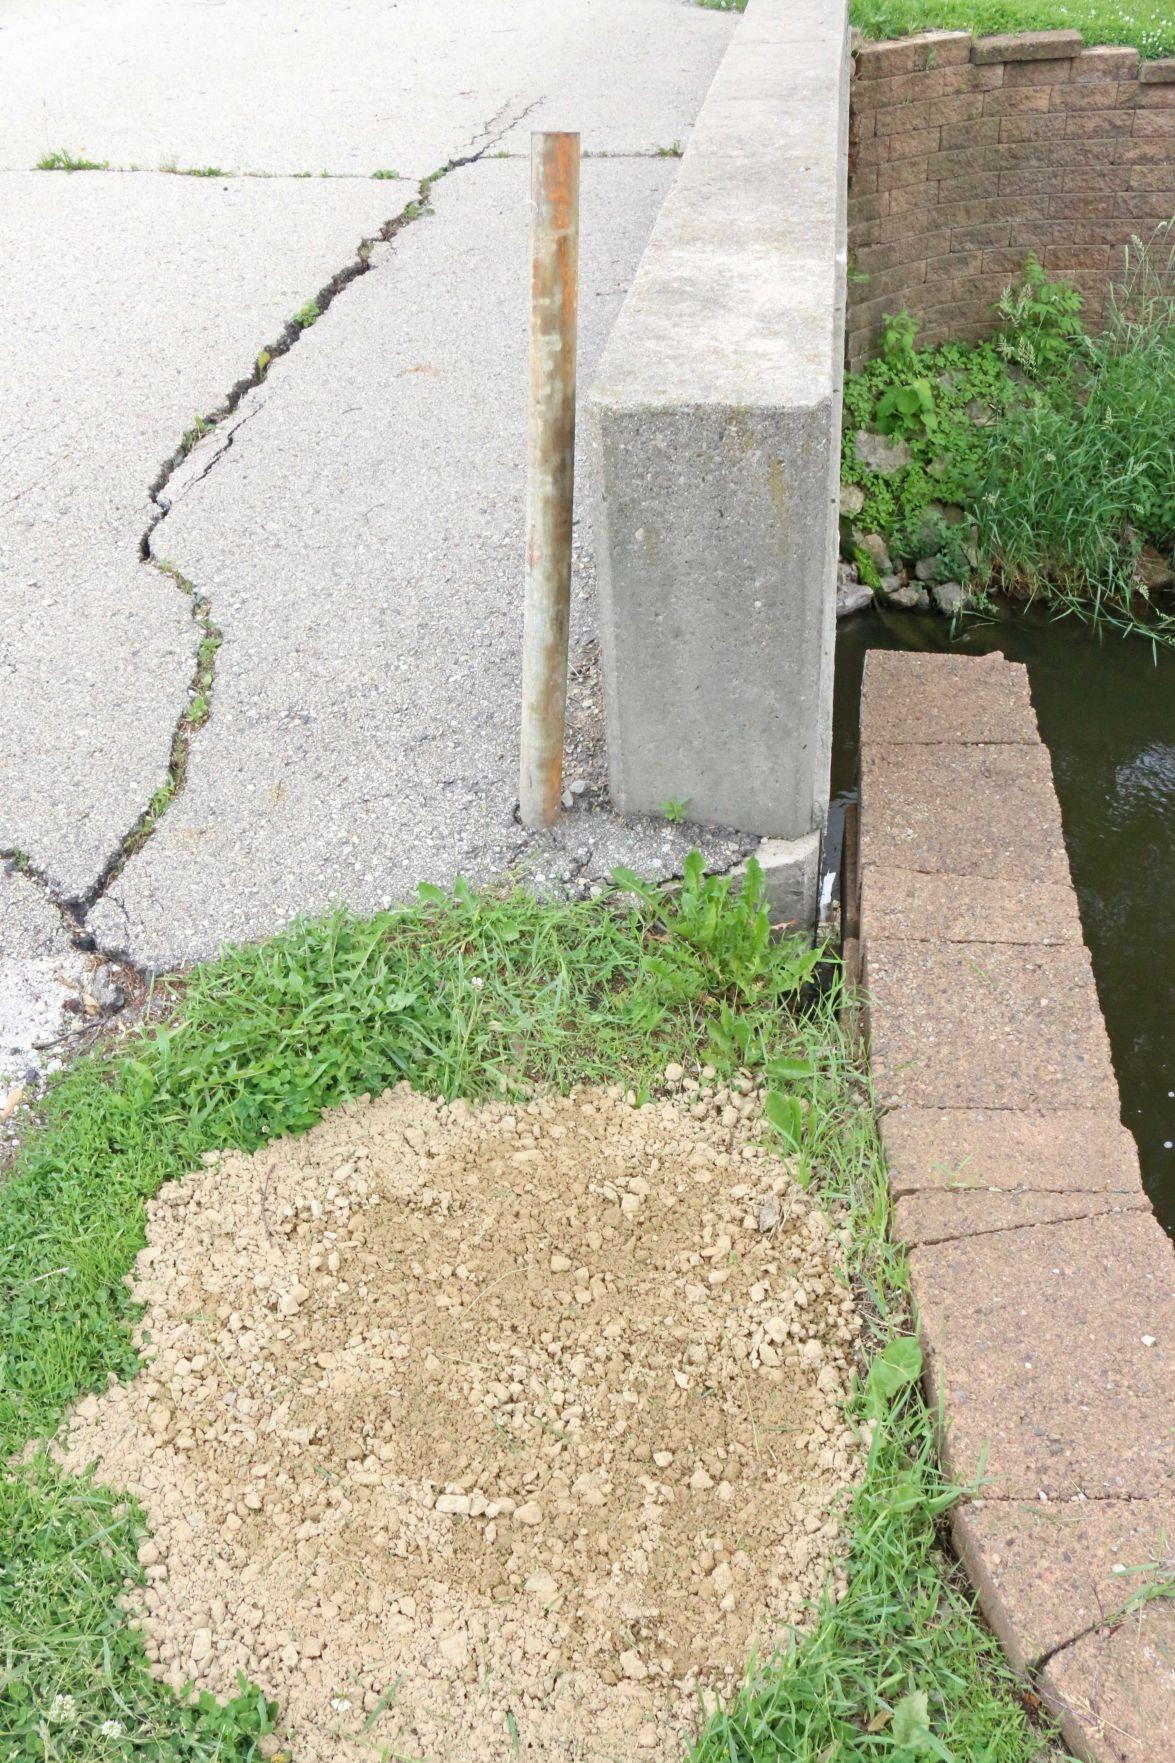 Tygert Street Bridge pothole